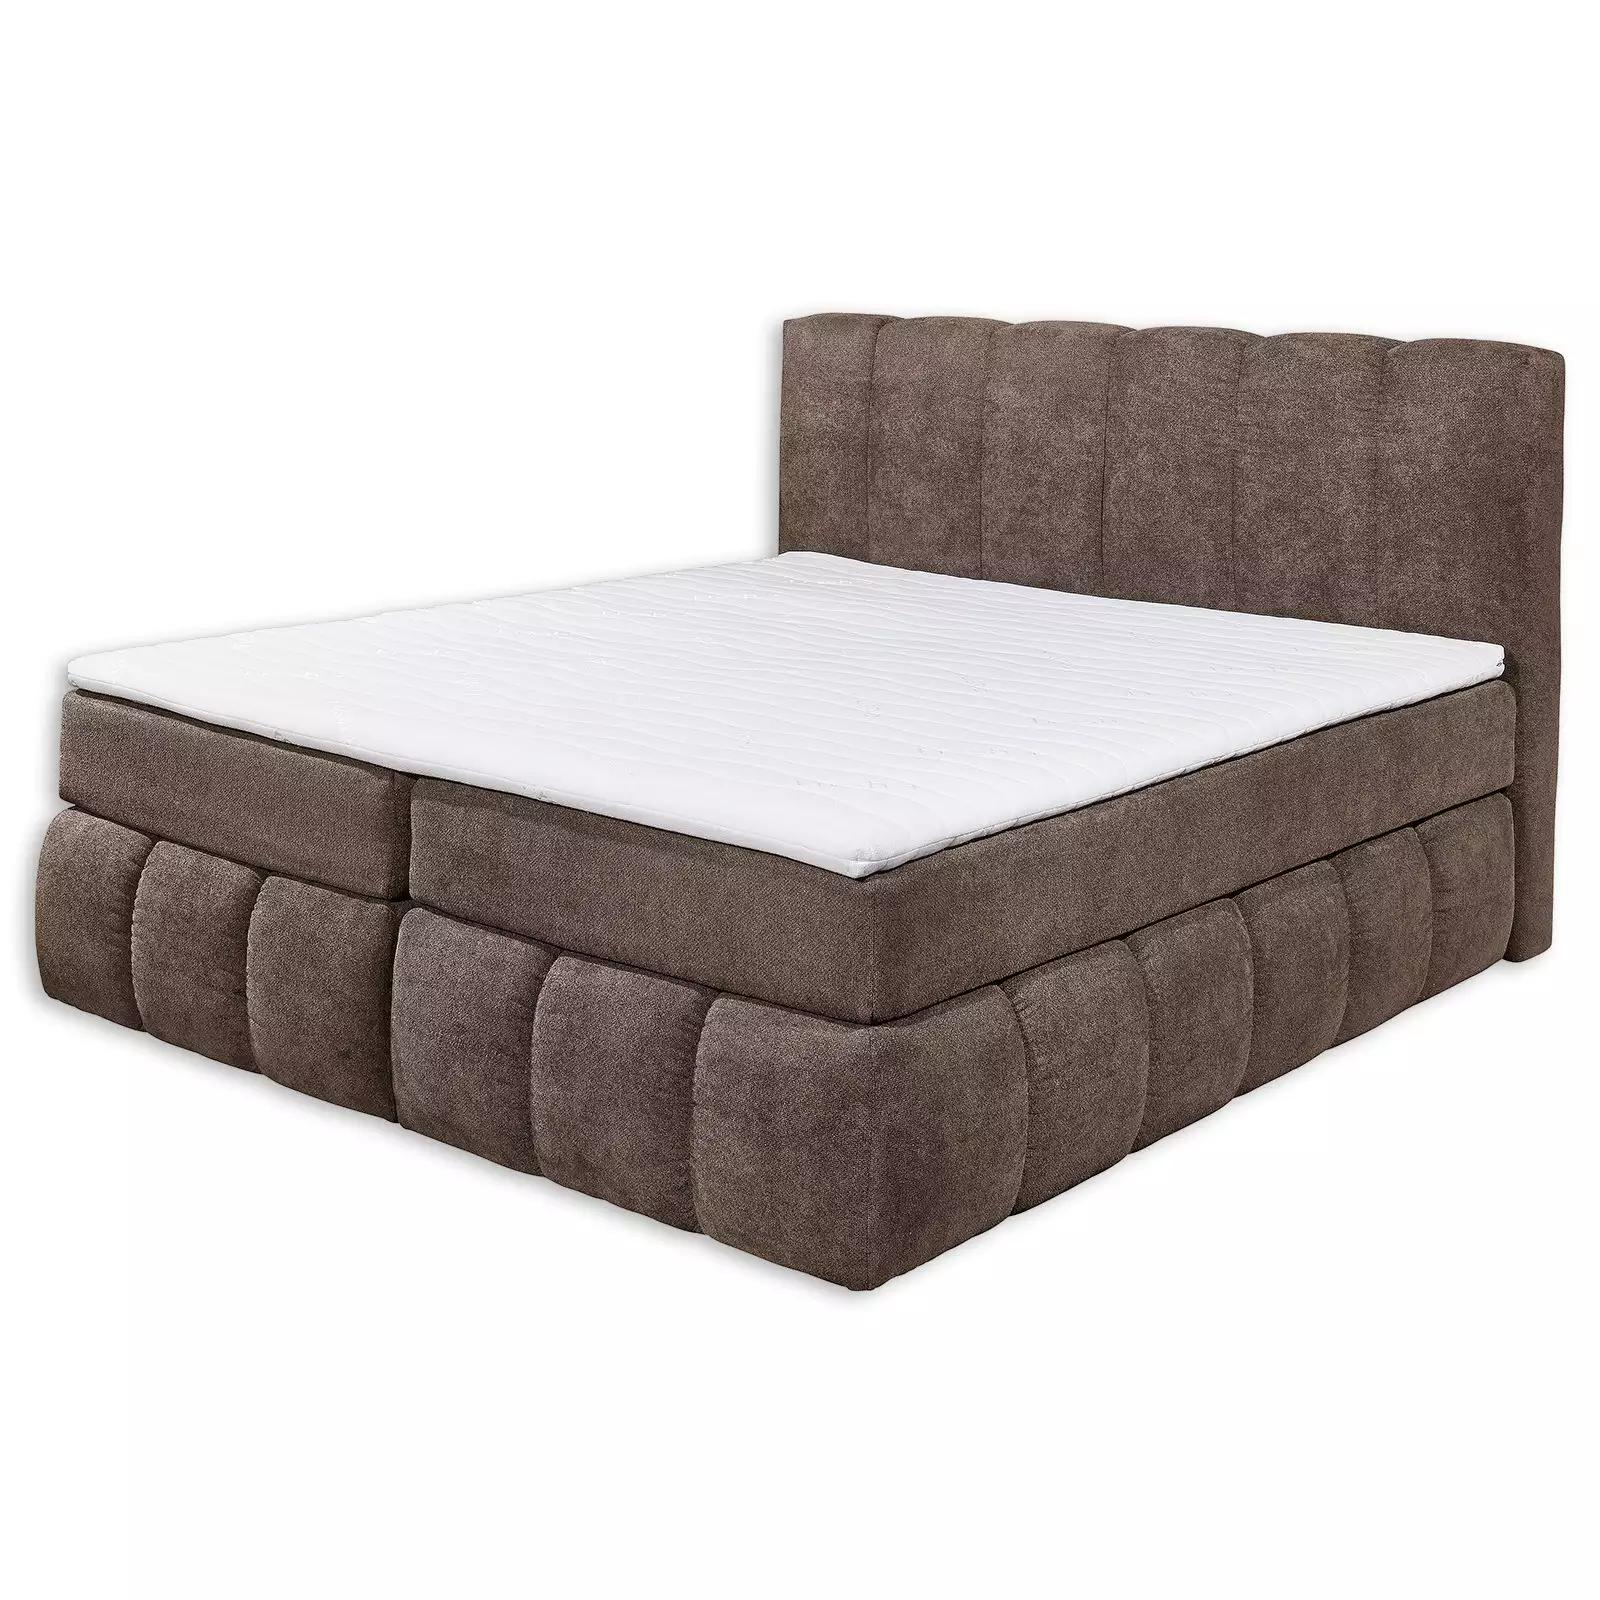 18 sparen boxspringbett iowa von roller nur 899 99 cherry m bel roller. Black Bedroom Furniture Sets. Home Design Ideas